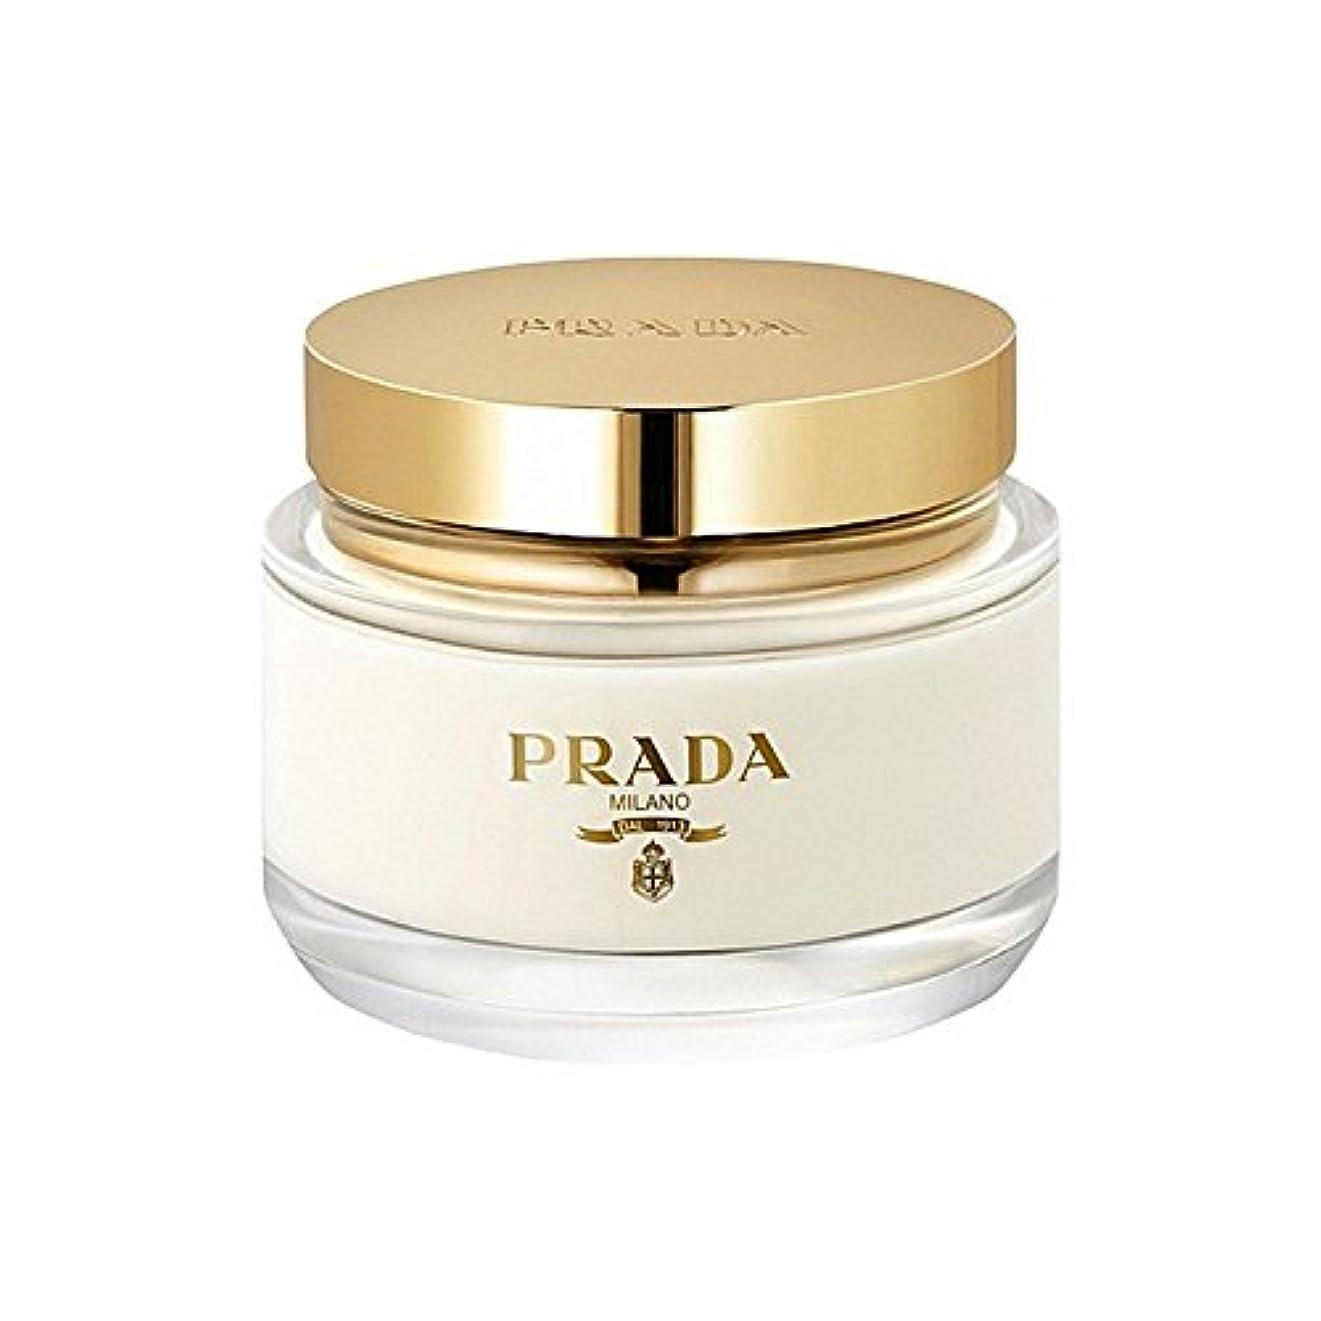 経済ゆるい抹消Prada La Femme Body Cream 200ml (Pack of 6) - プラダラファムボディクリーム200ミリリットル x6 [並行輸入品]